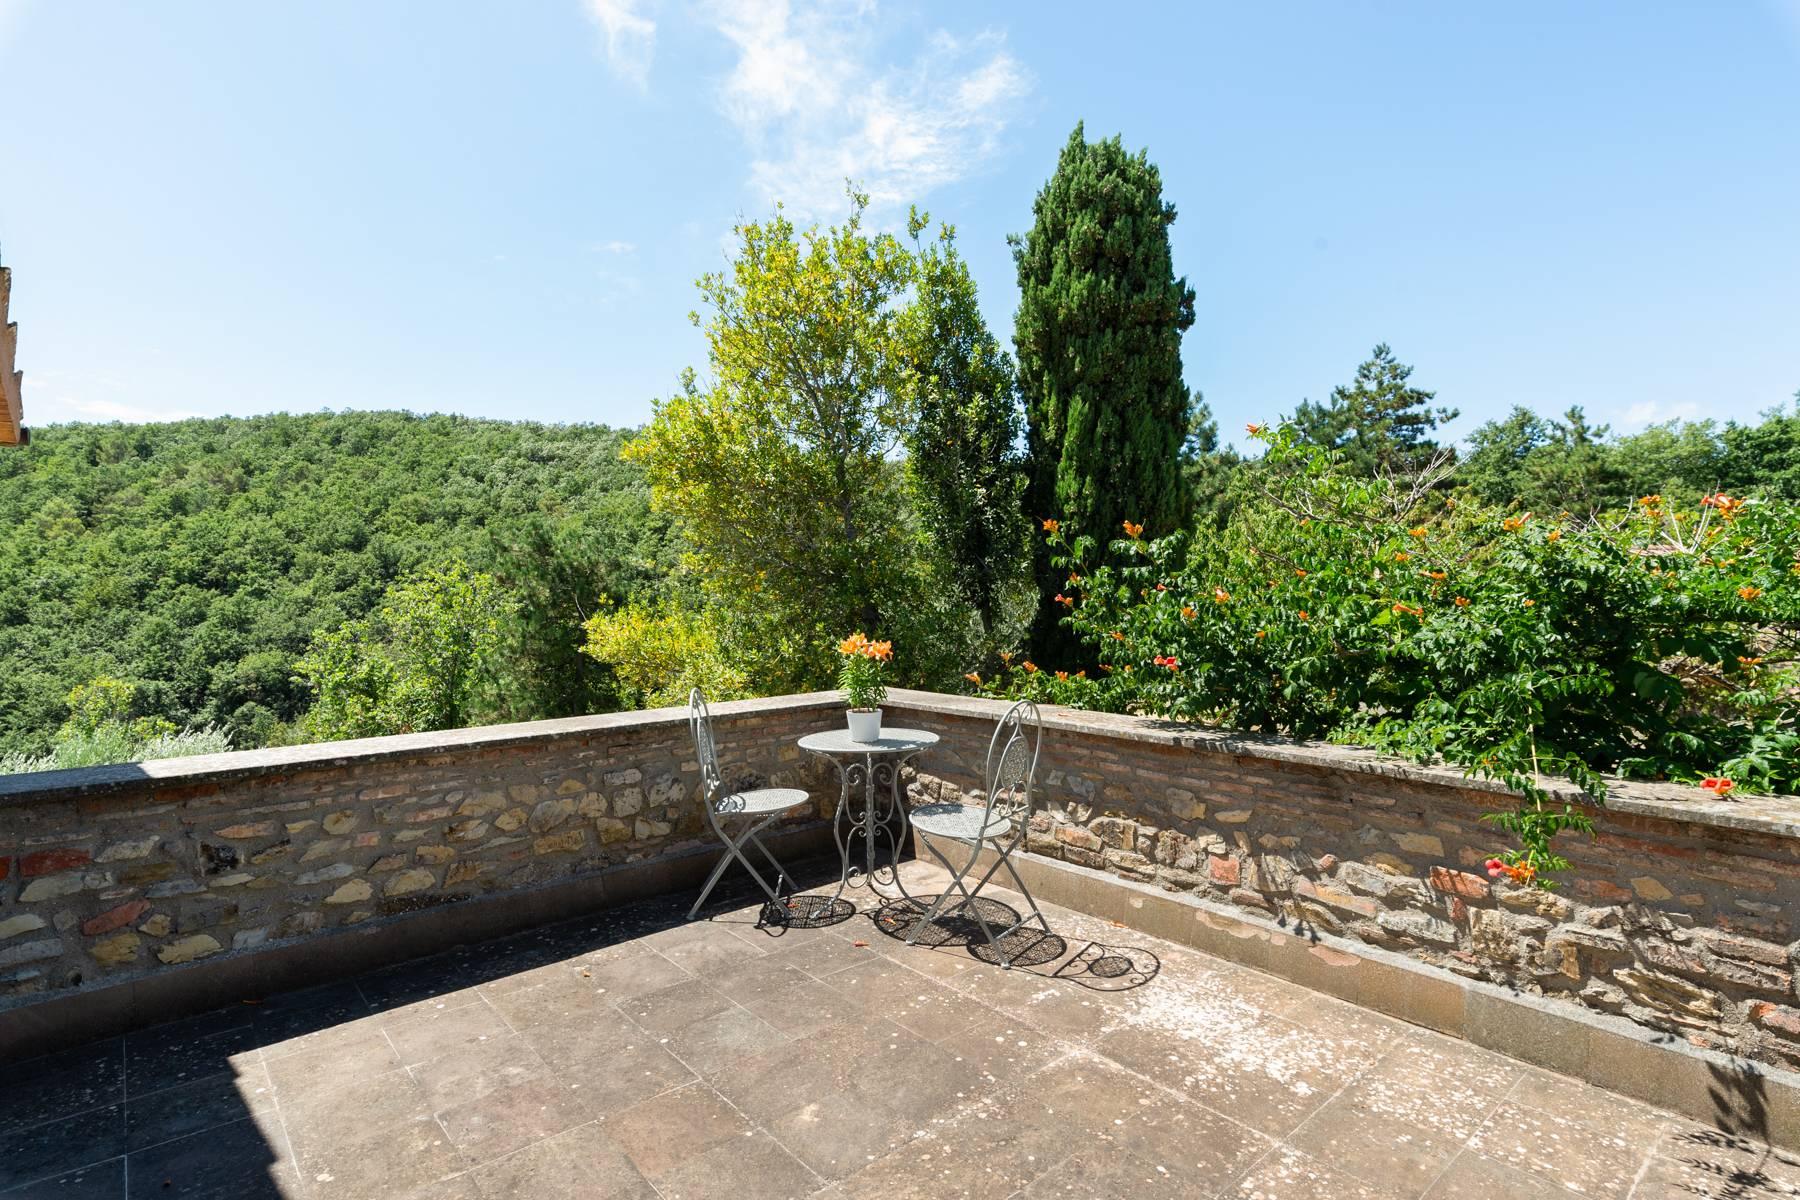 Rustico in Vendita a Orvieto: 5 locali, 484 mq - Foto 17